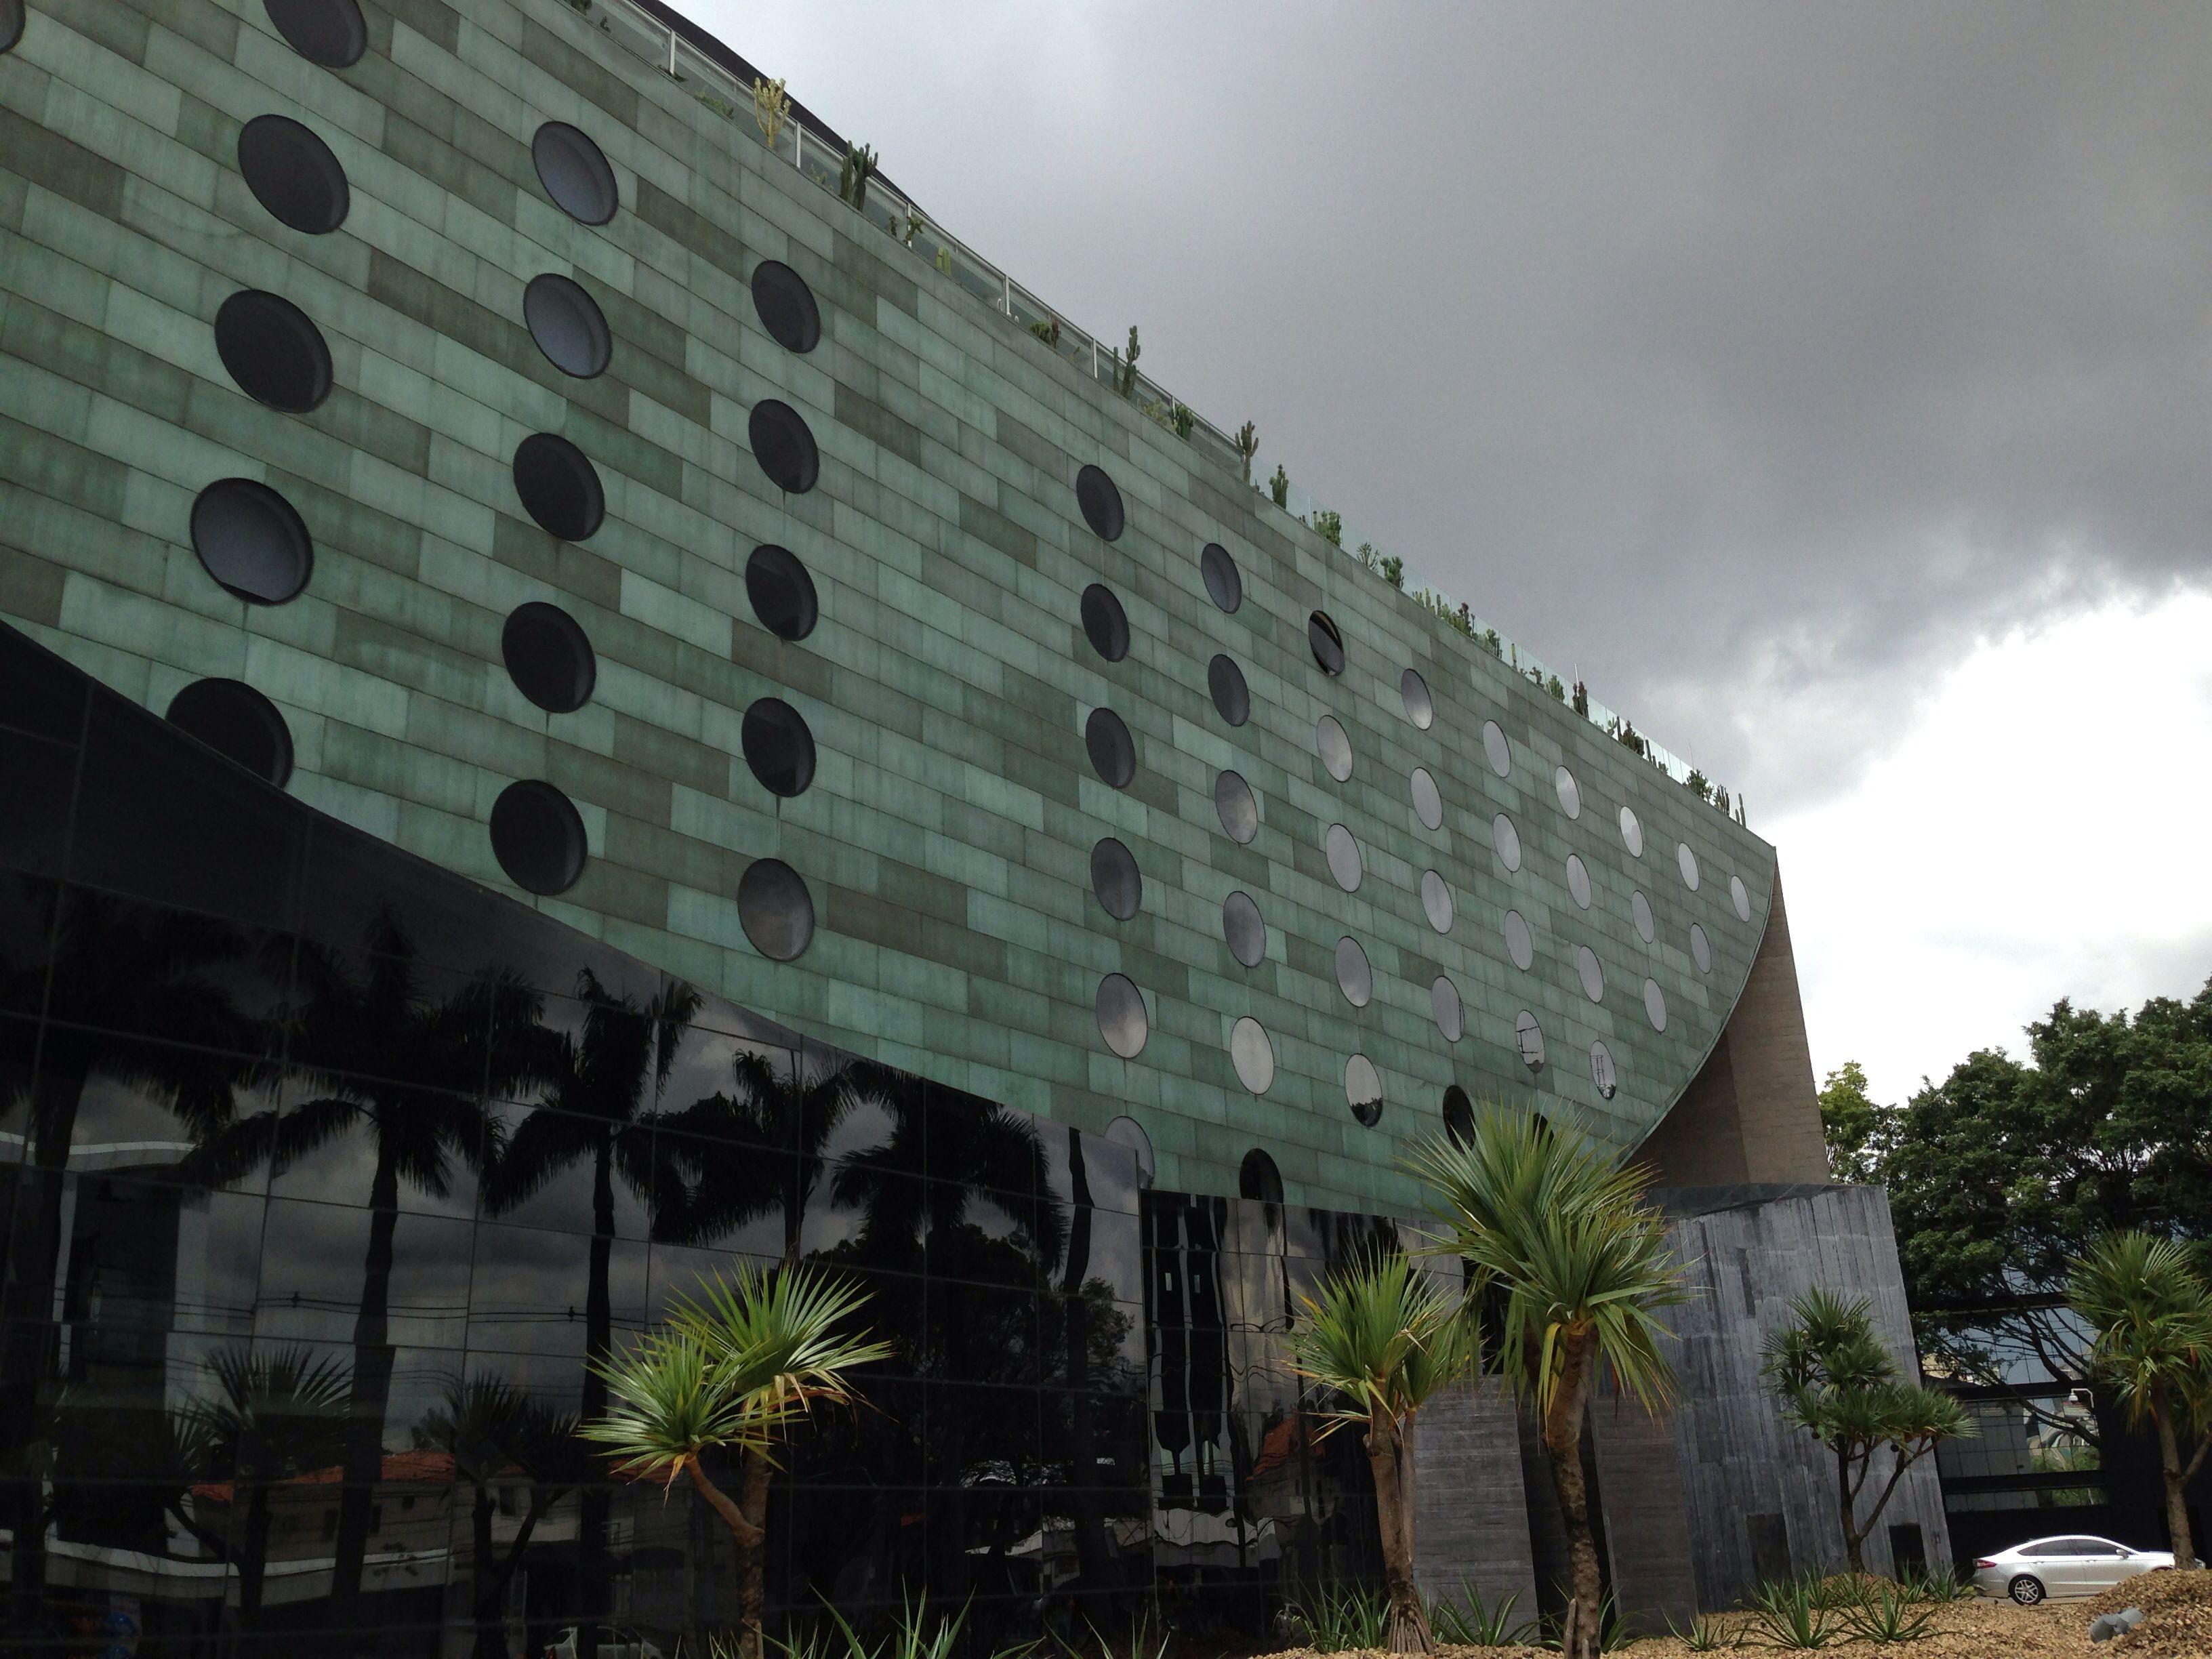 Hotel Unique - São Paulo SP